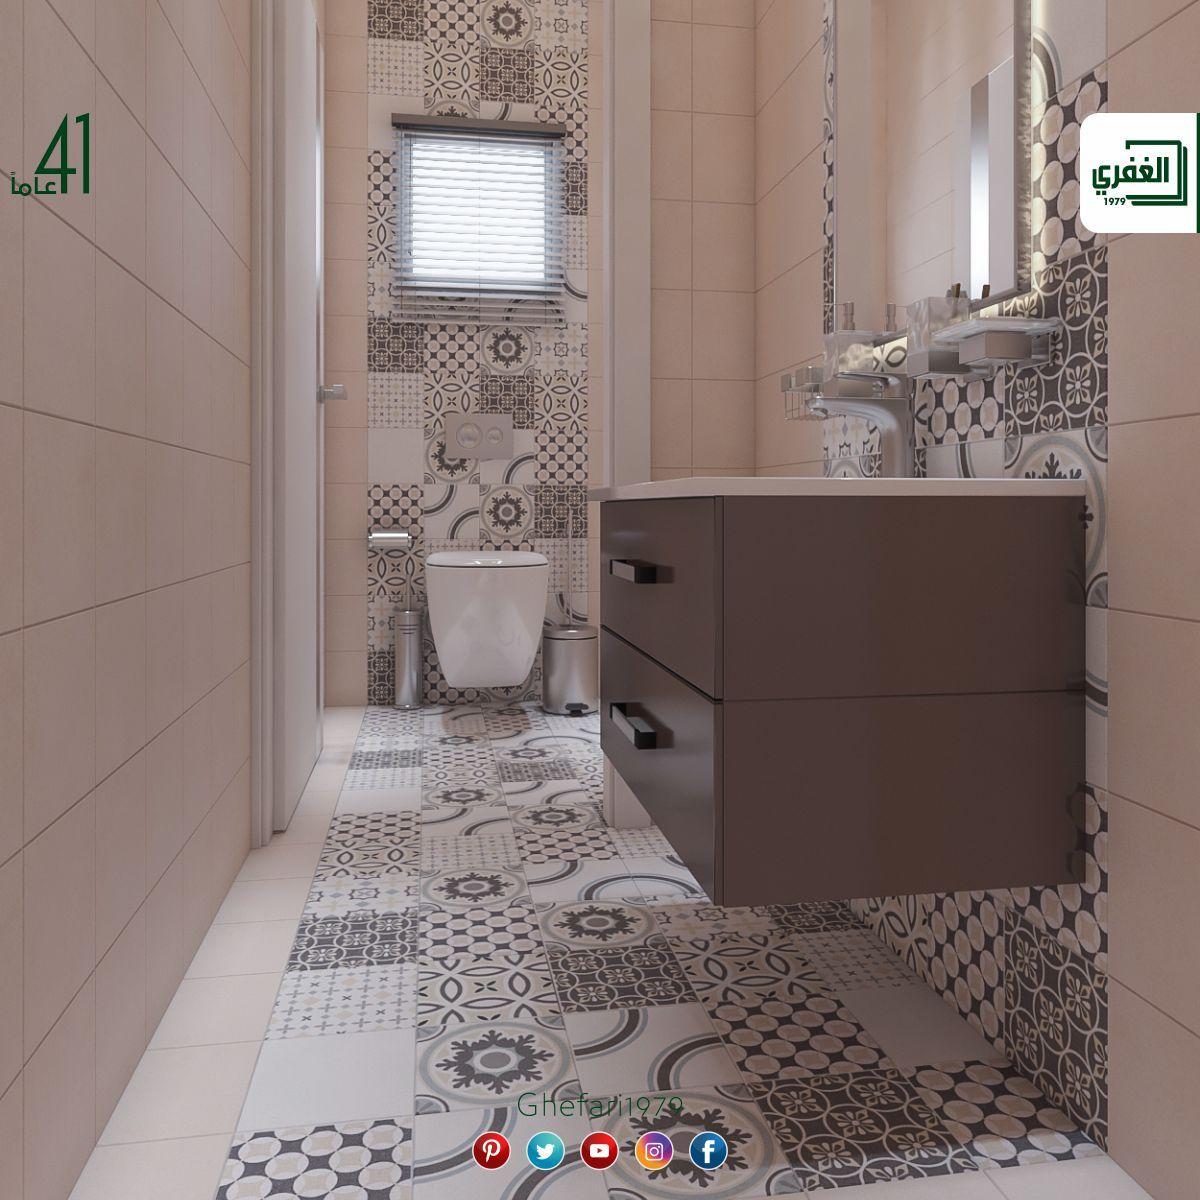 بورسلان أسباني ديكور اندلسي للاستخدام داخل الحمامات المطابخ اماكن اخرى للمزيد زورونا على موقع الشركة Https Www Ghefari Co Vanity Bathroom Vanity Bathroom